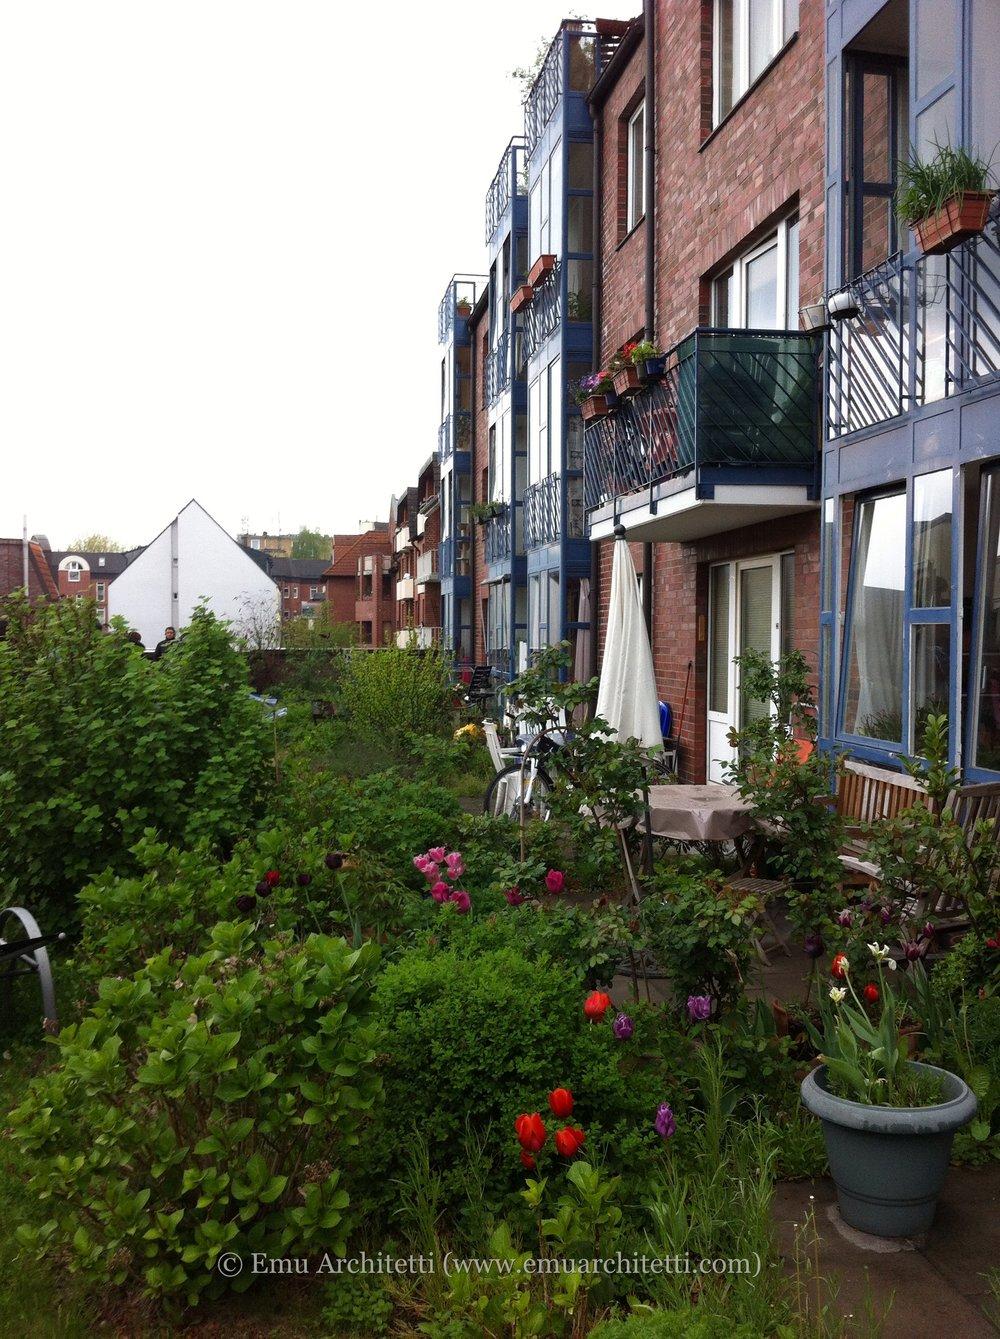 roof-garden-on-baugenossenschaft-may-13-2013-3-48-pm-25-1.jpg